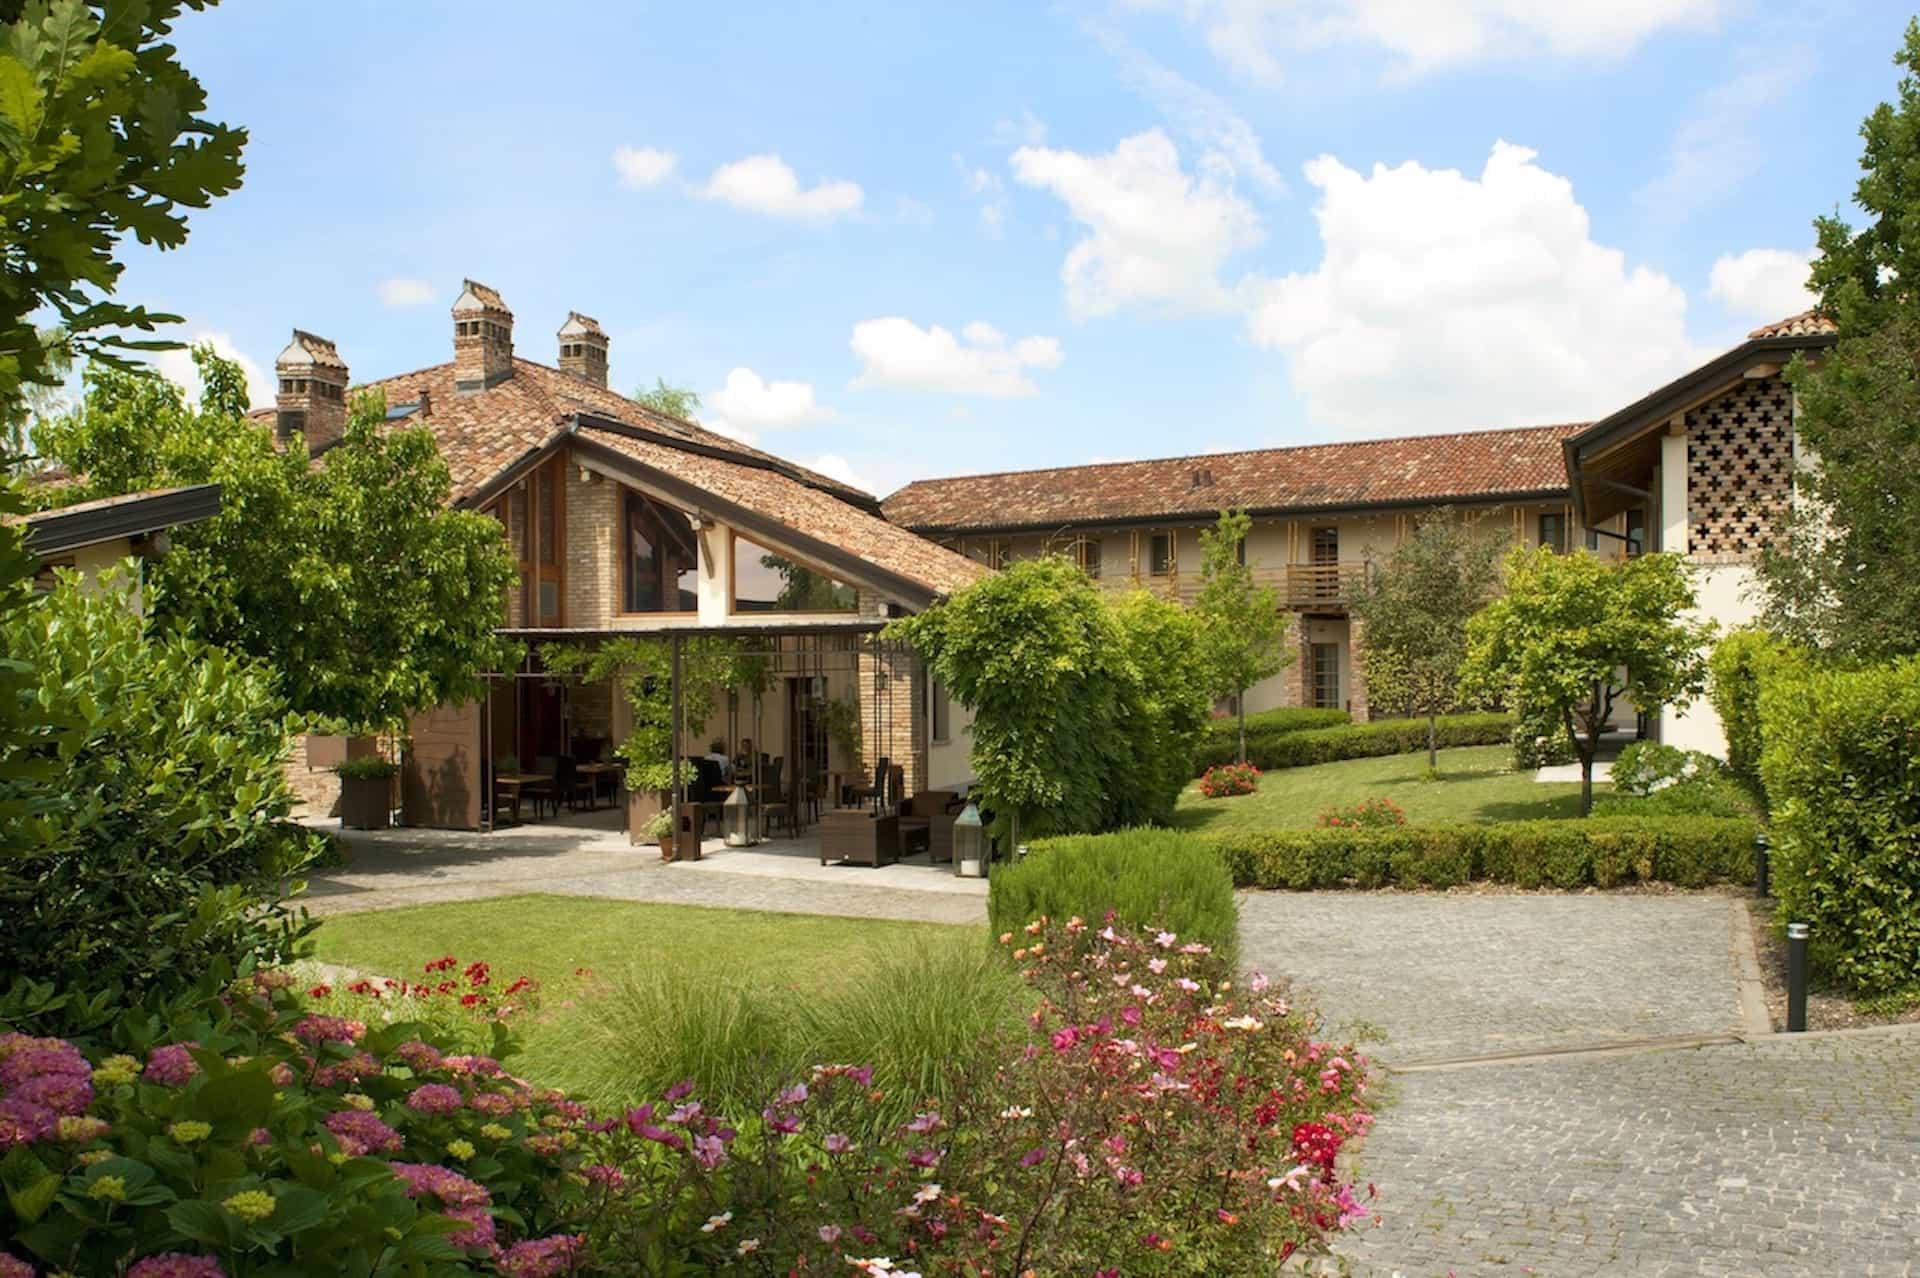 SUITE HOTEL VICINO A MILANO16896